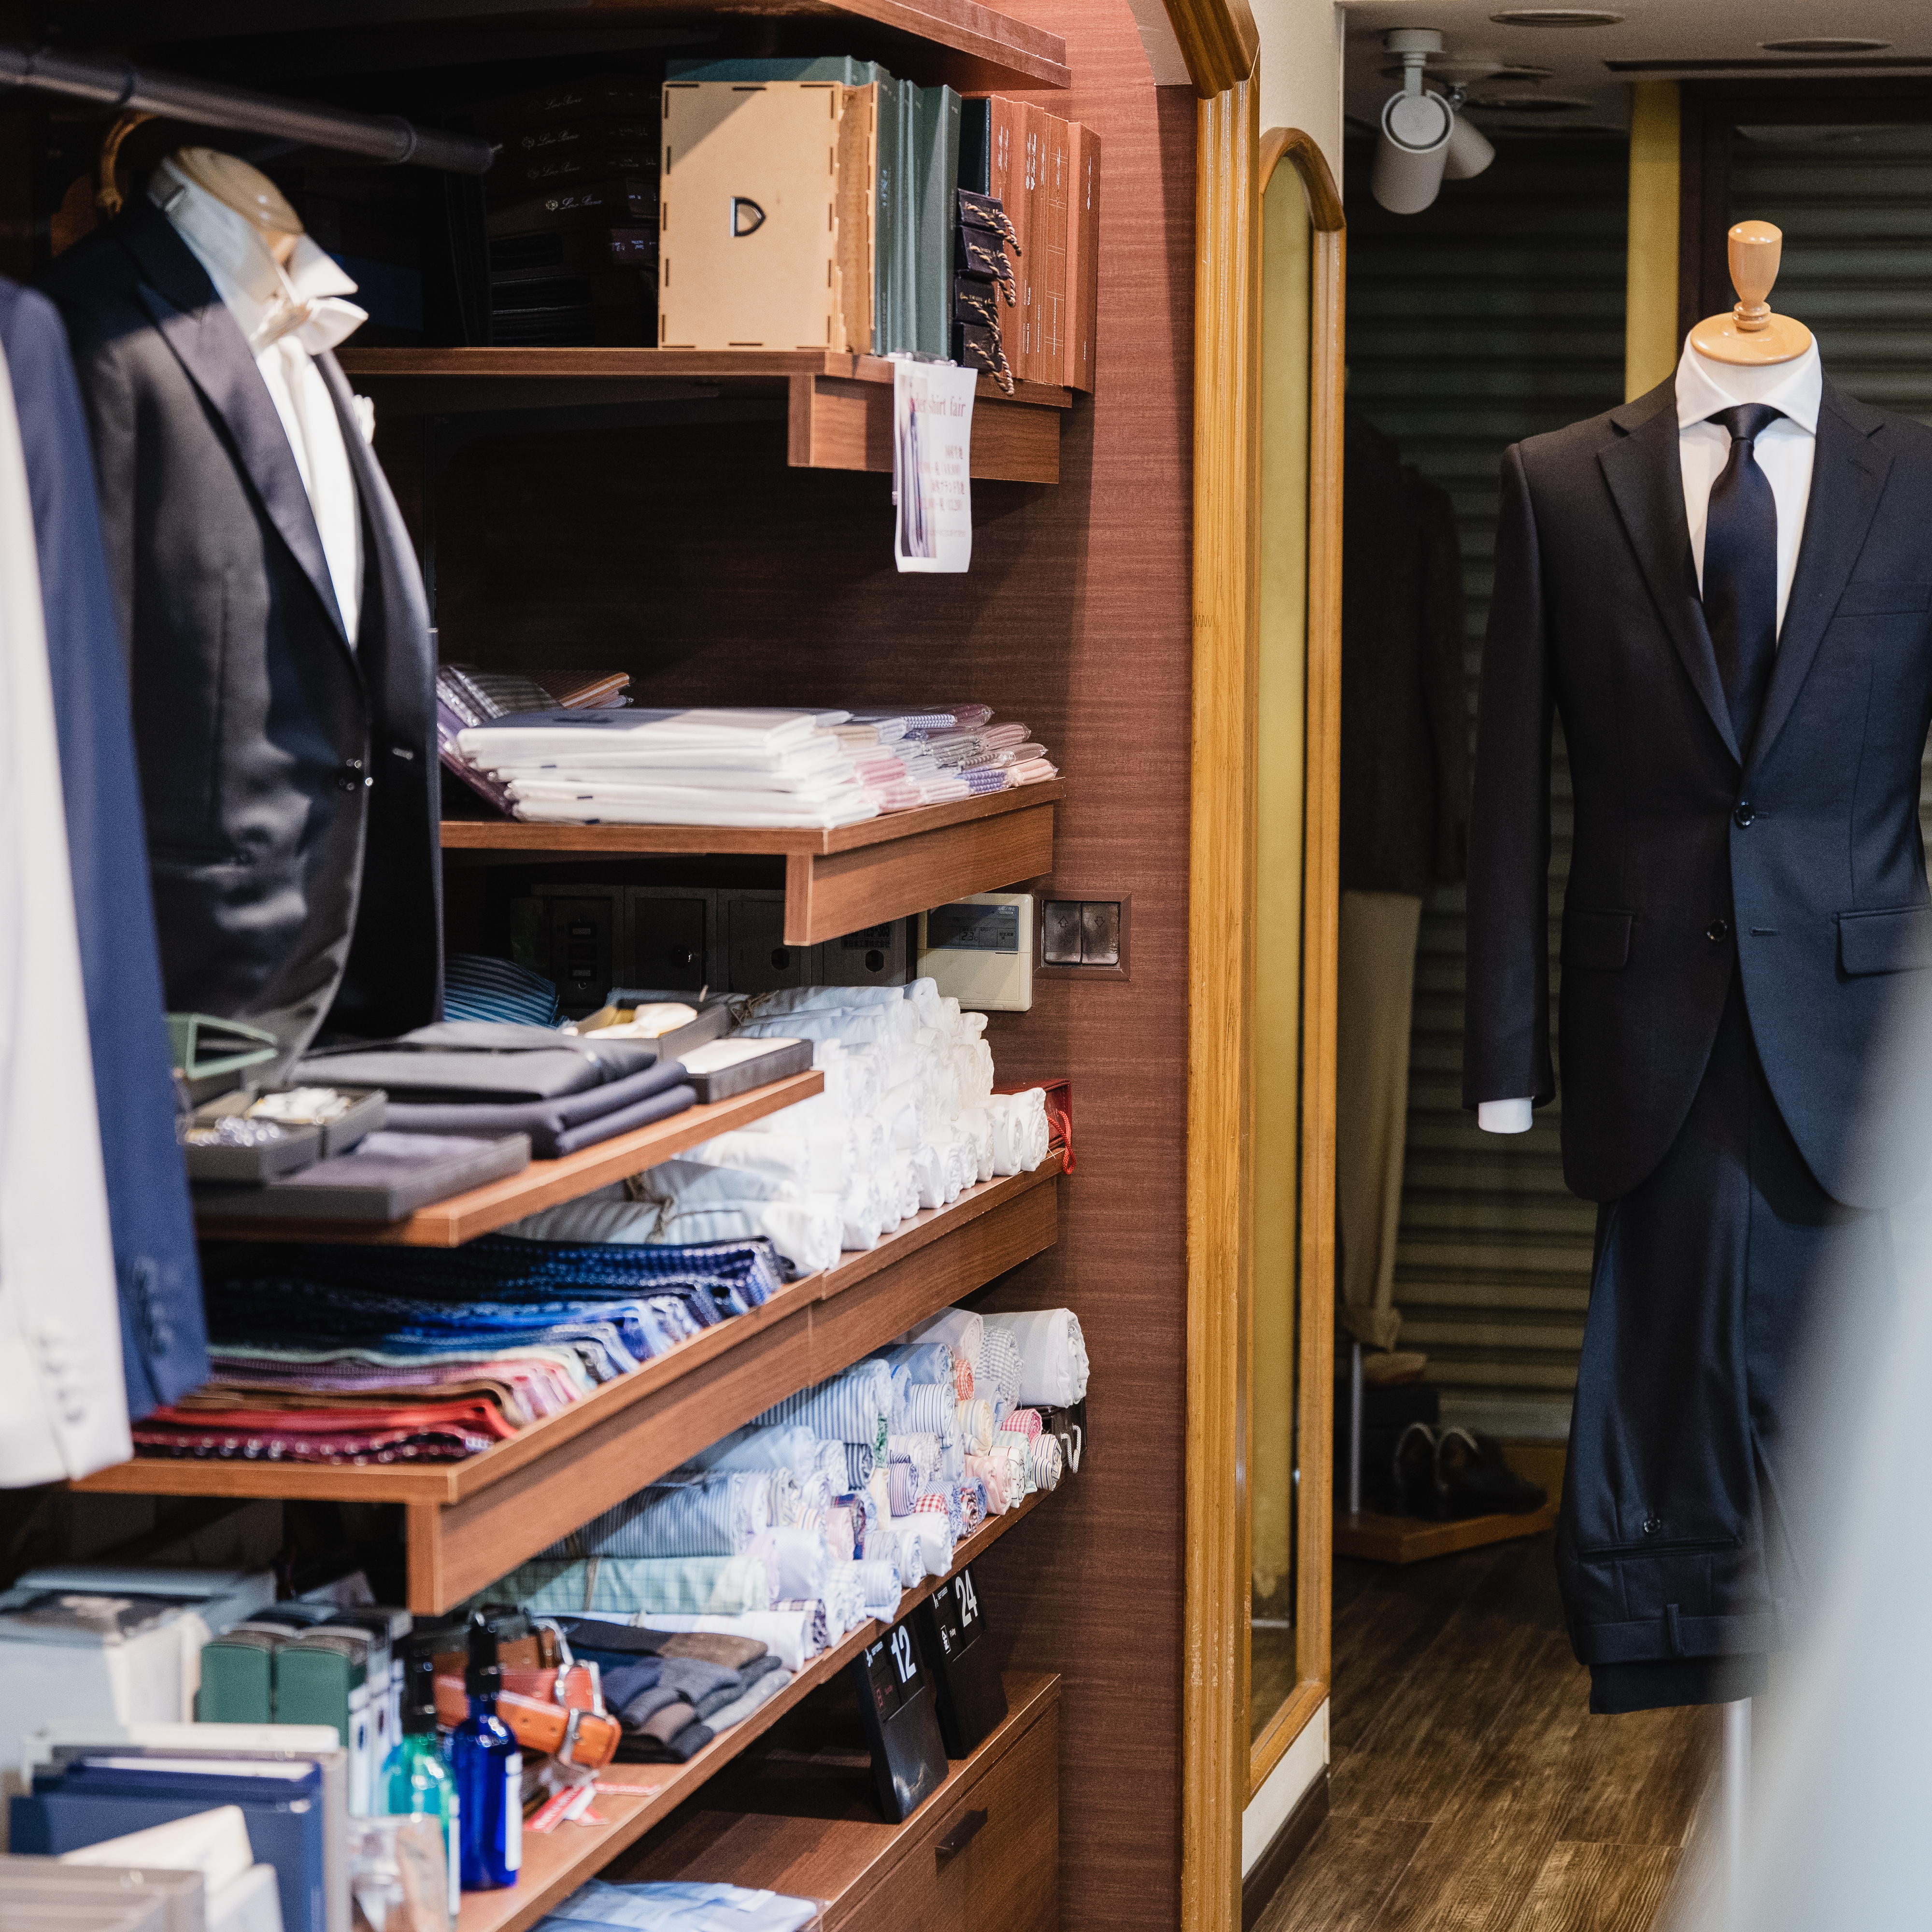 神奈川県で冠婚葬祭用(ブラックフォーマル)のスーツのオーダーは当店で!